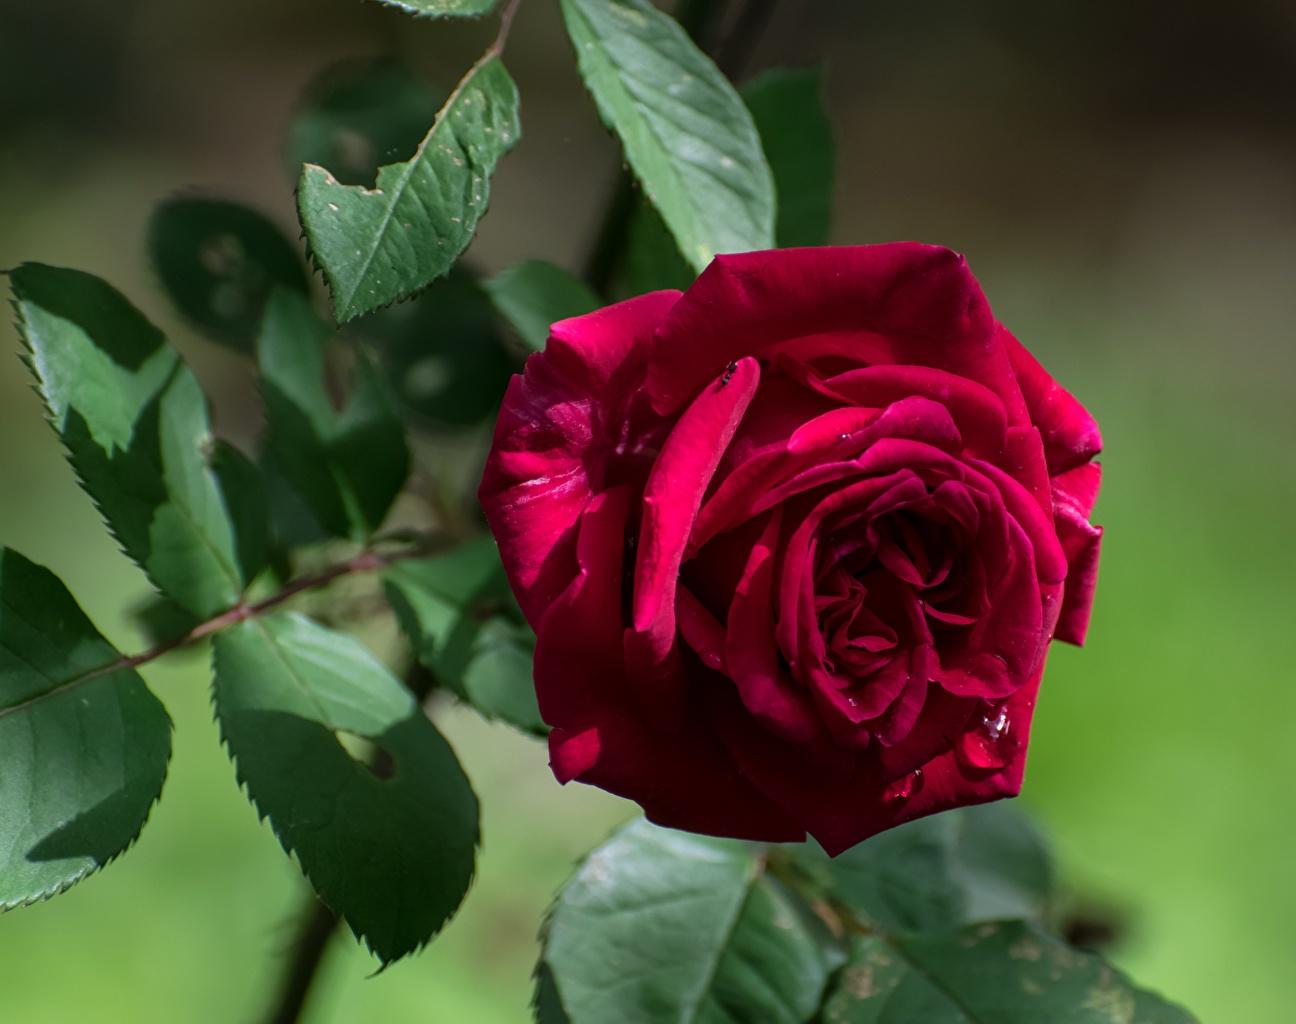 Картинка Листья Размытый фон Розы красных Цветы Крупным планом лист Листва боке роза красная красные Красный цветок вблизи